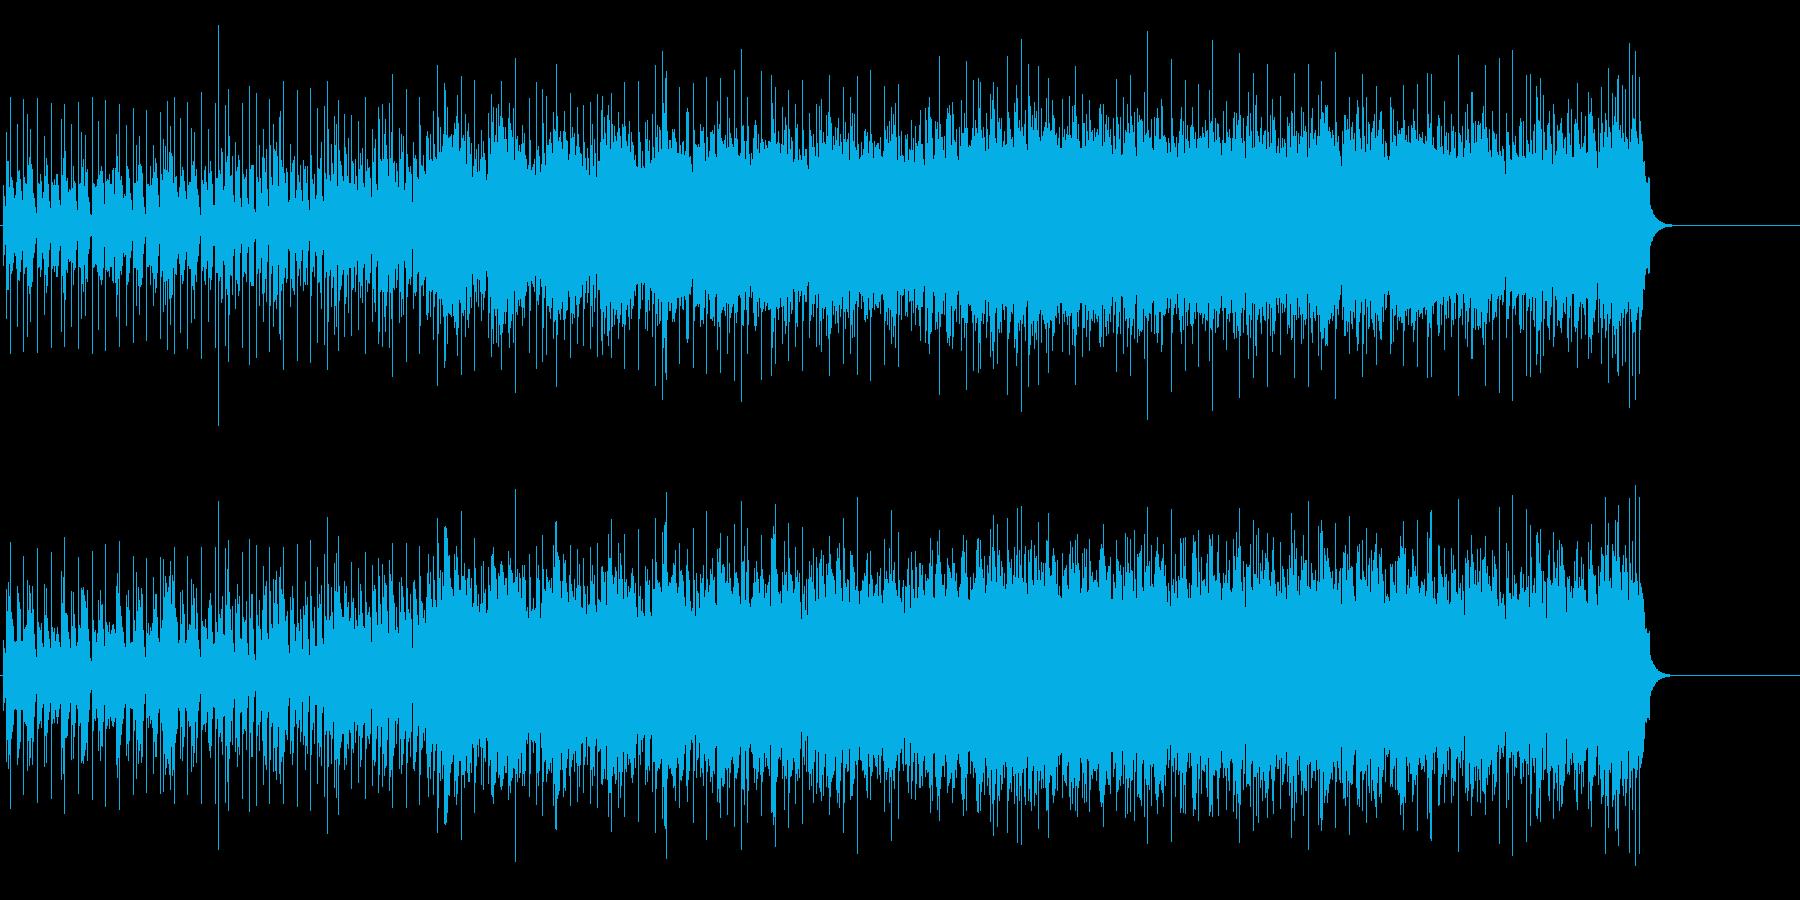 エッセンシャルなロック(ギタープレイ)の再生済みの波形